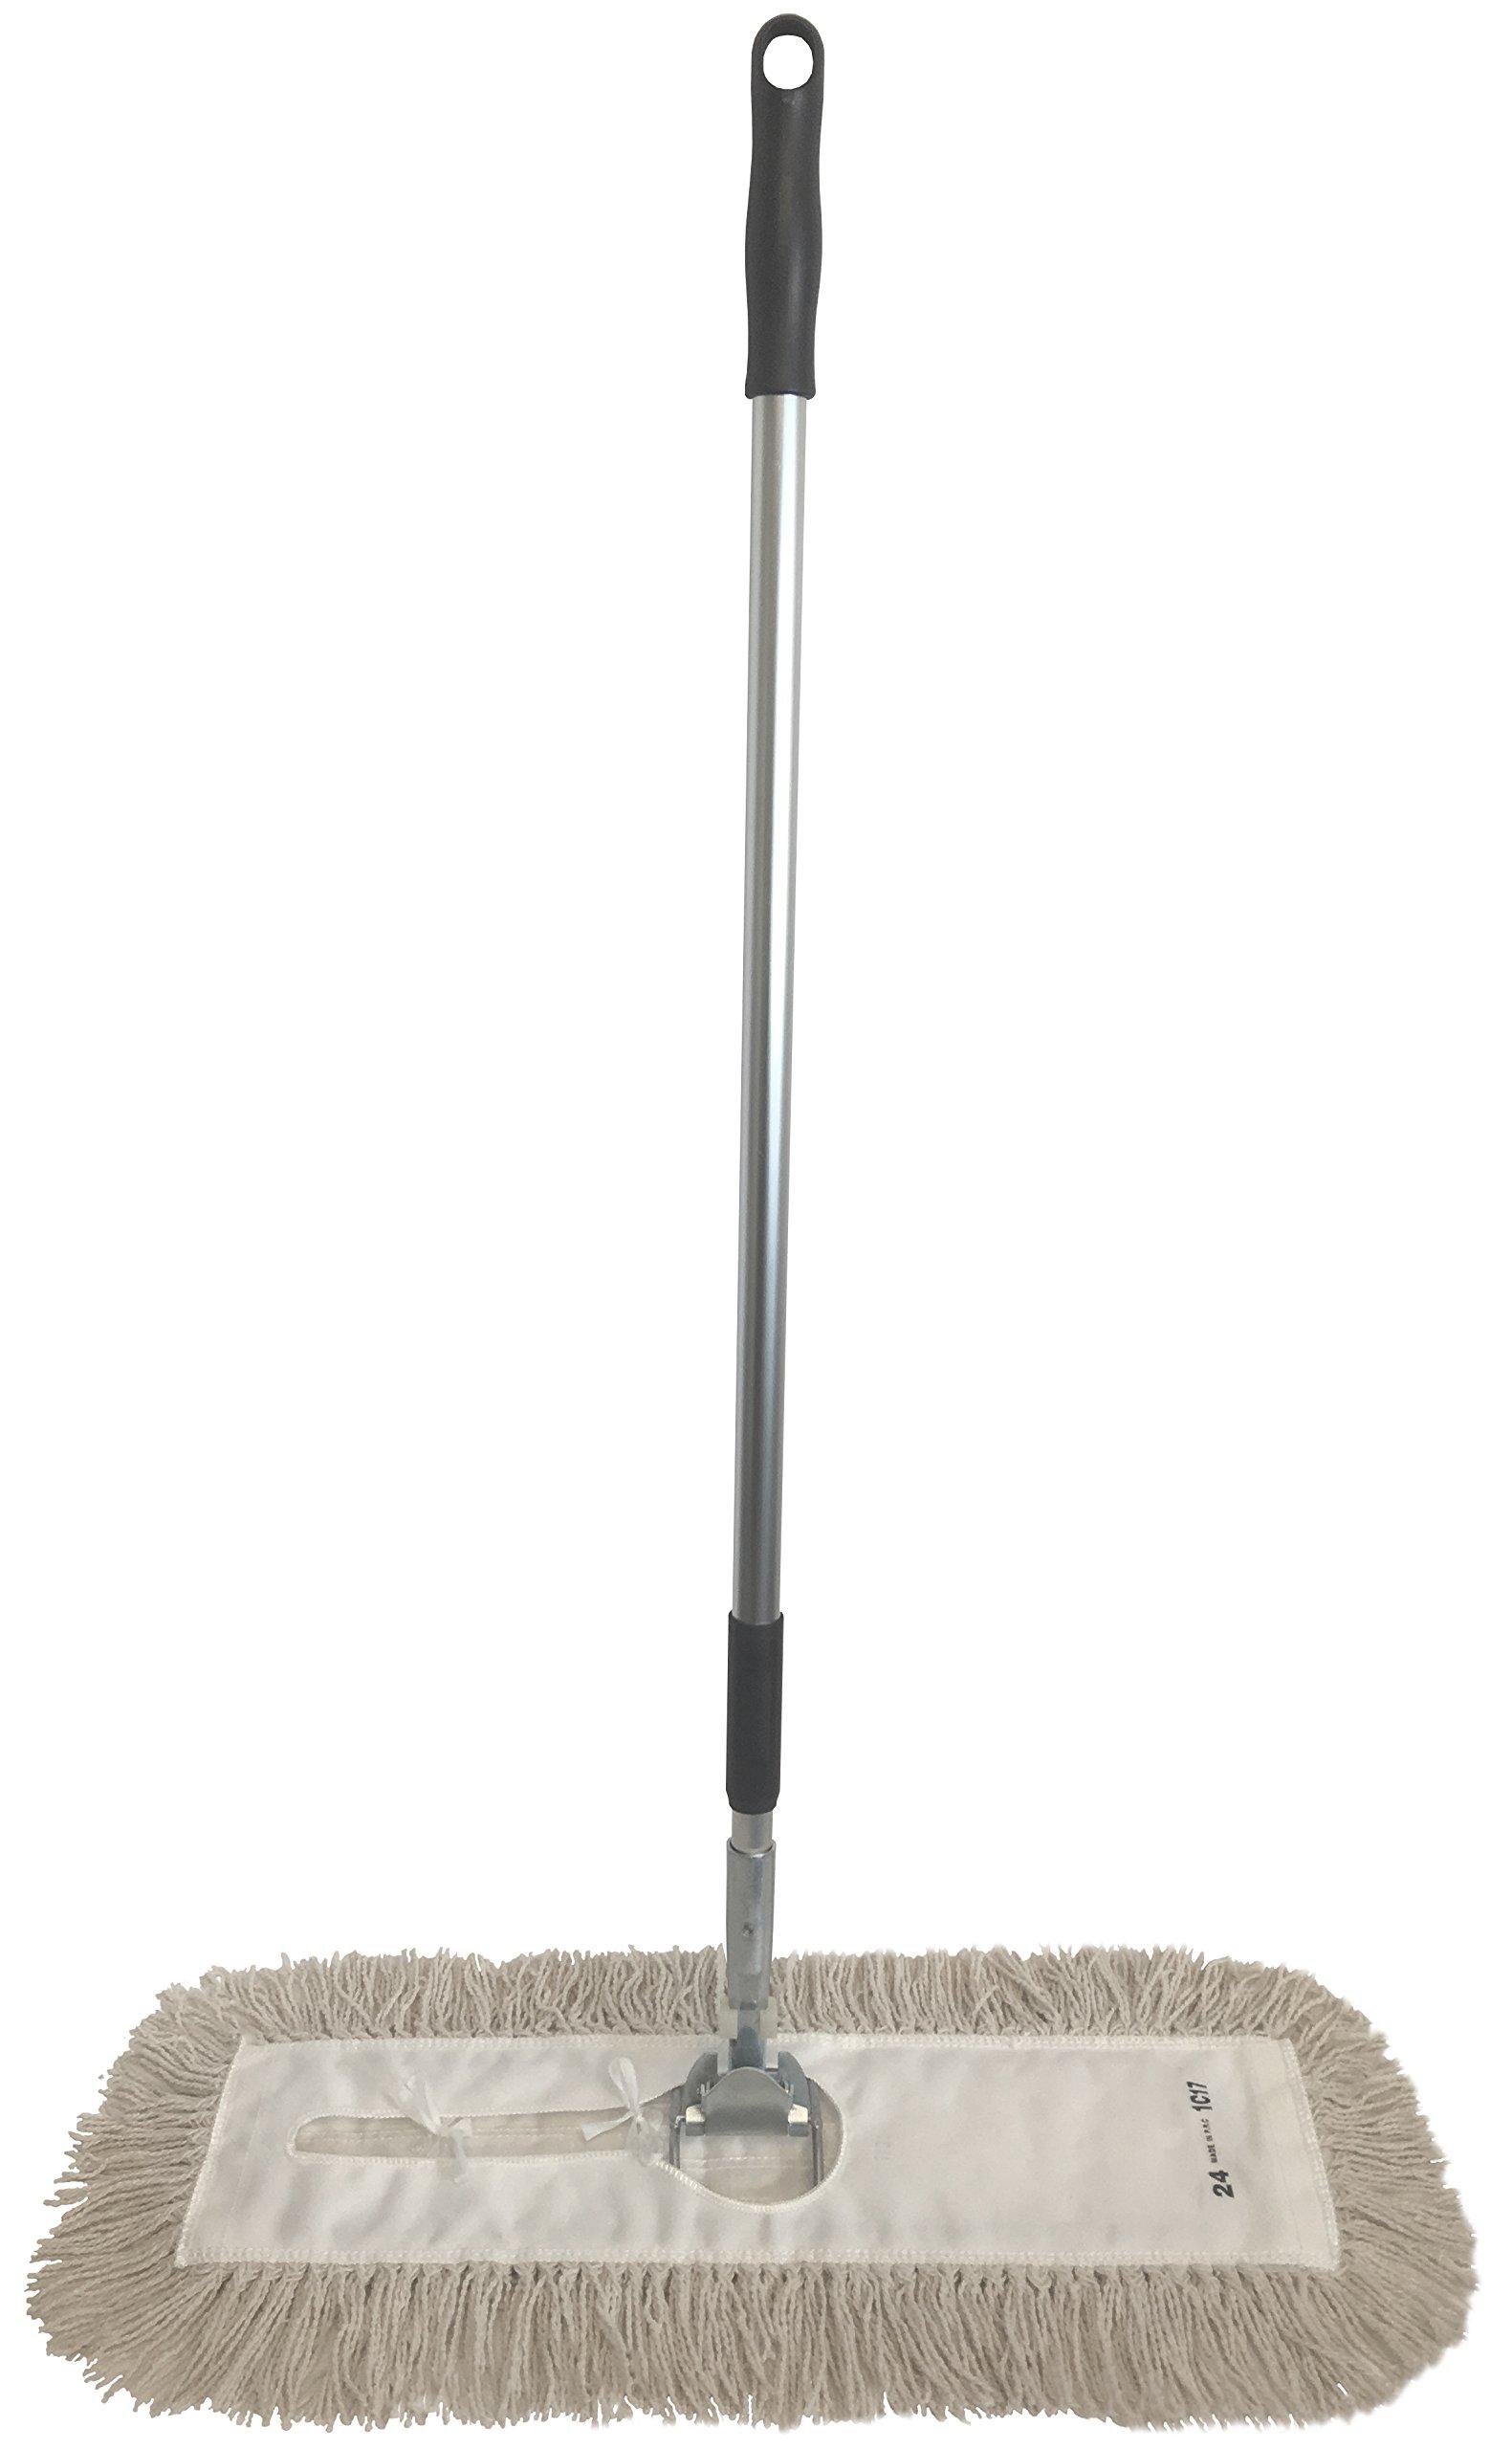 Dust Mop Kit 24'' : (1) 24'' White Industrial Closed-Loop Dust Mop, (1) 24'' Wire Dust Mop Frame & (1) Dust Mop Handle Clip-On Style